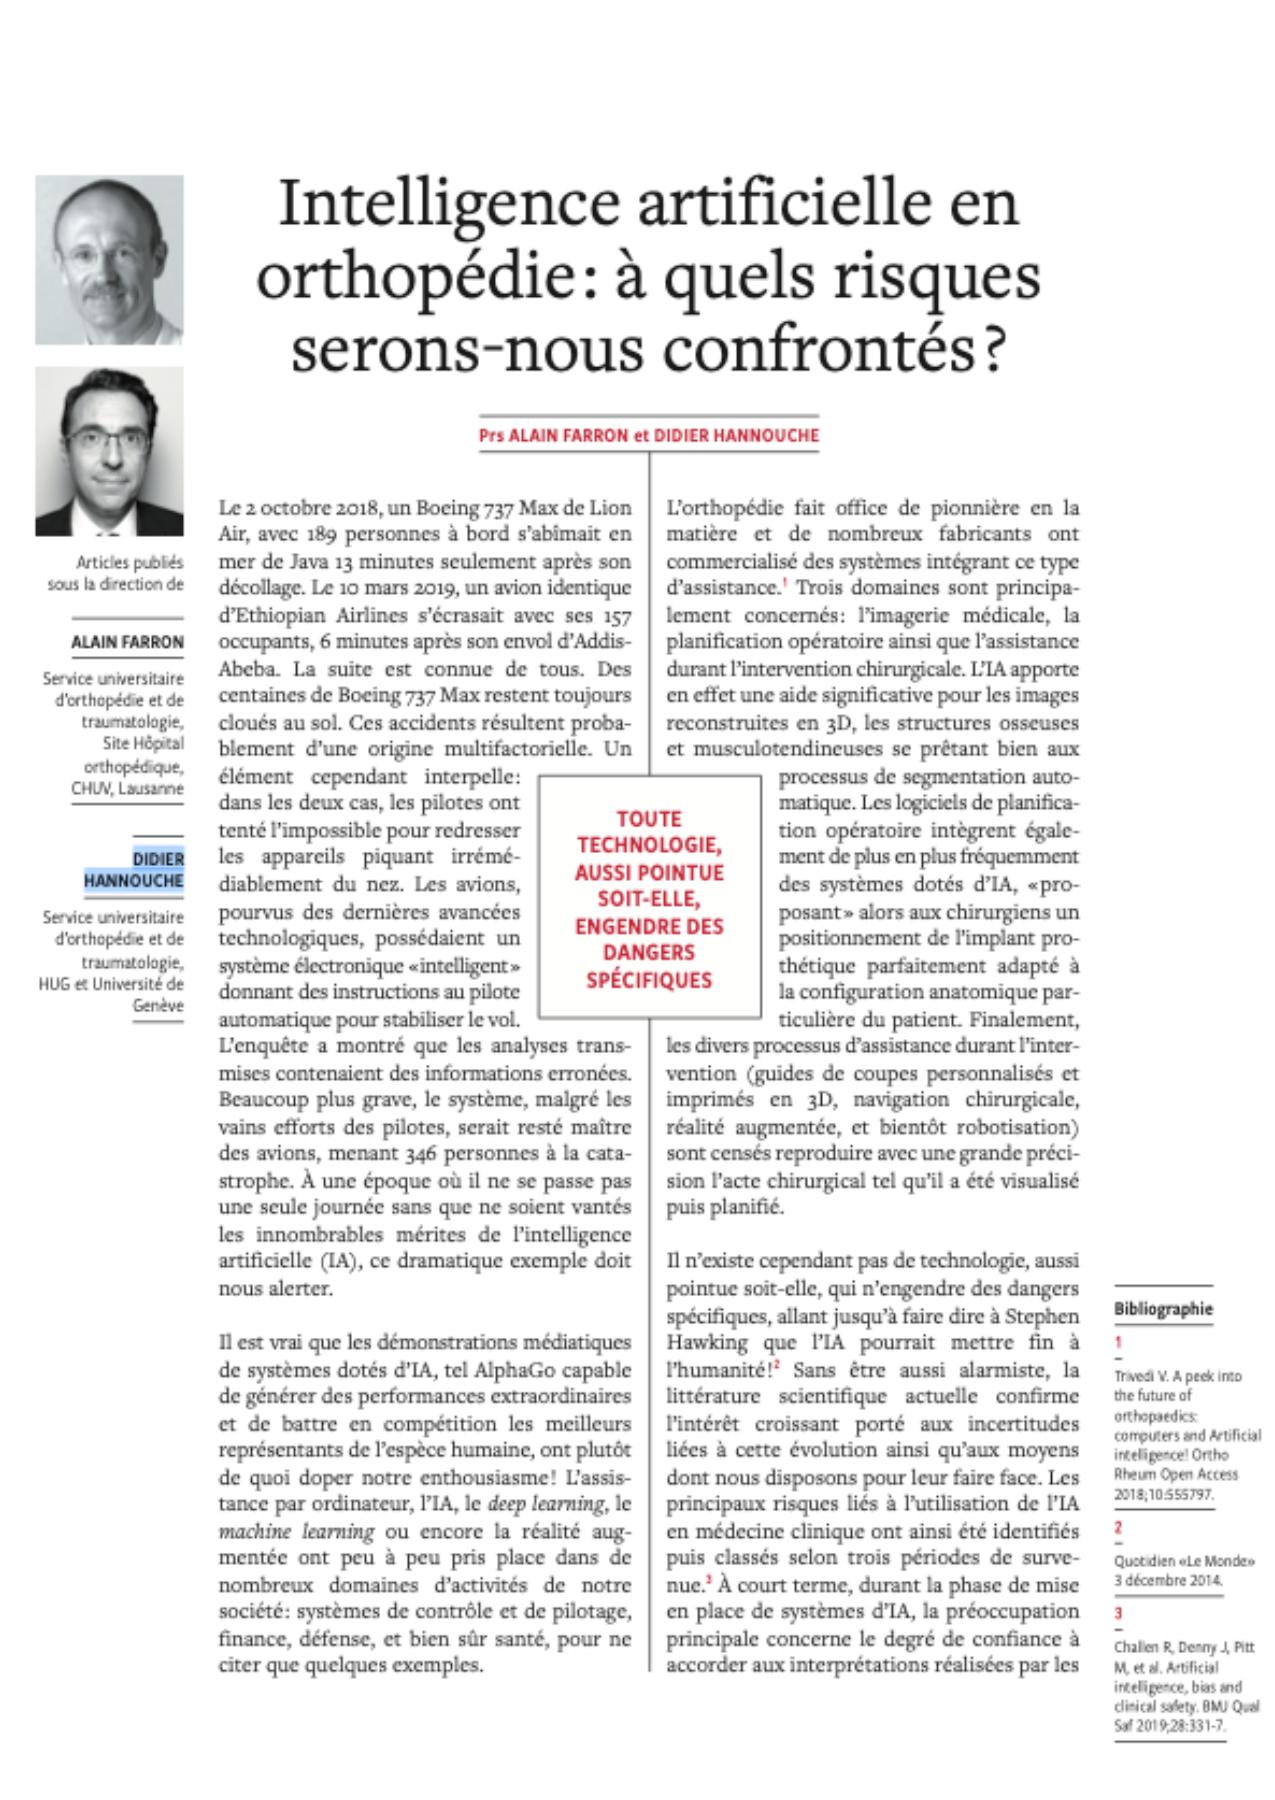 Intelligence artificielle en orthopédie : à quels risques serons-nous confrontés ?